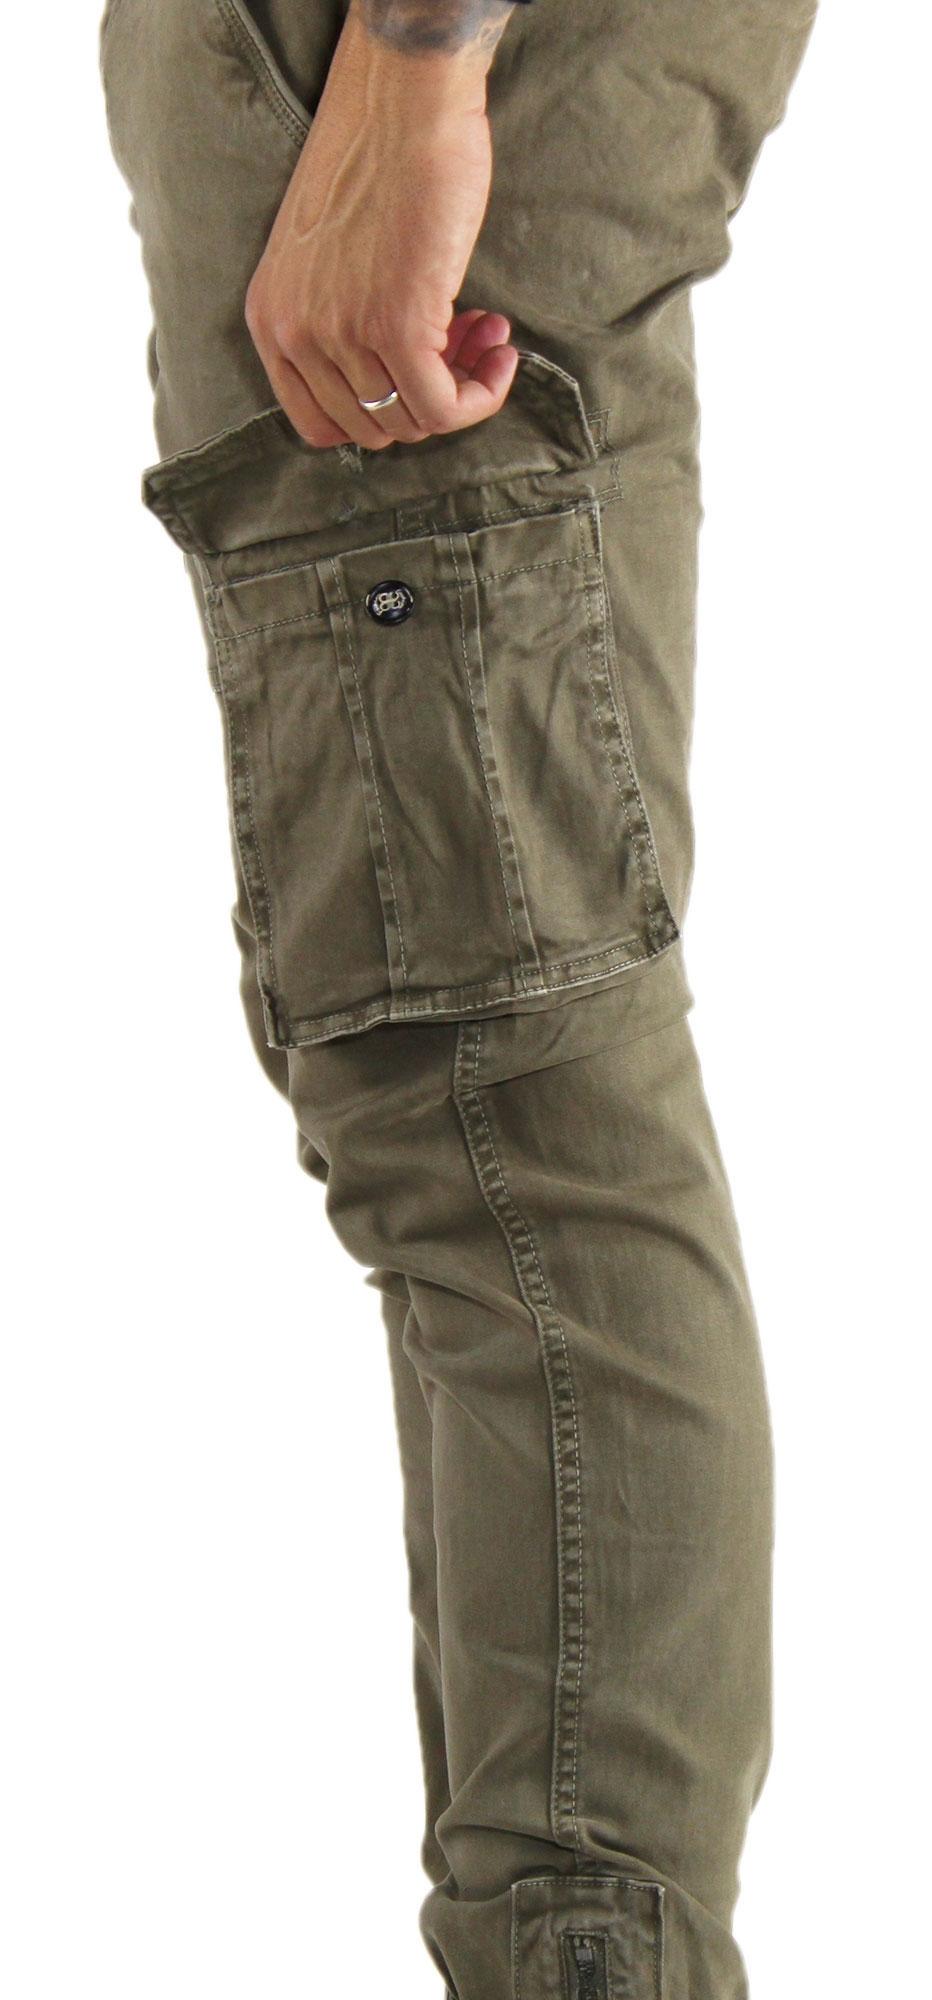 Pantaloni-Cargo-Uomo-Tasche-Laterali-Invernali-Cotone-Slim-Fit-Tasconi-Casual miniatura 20